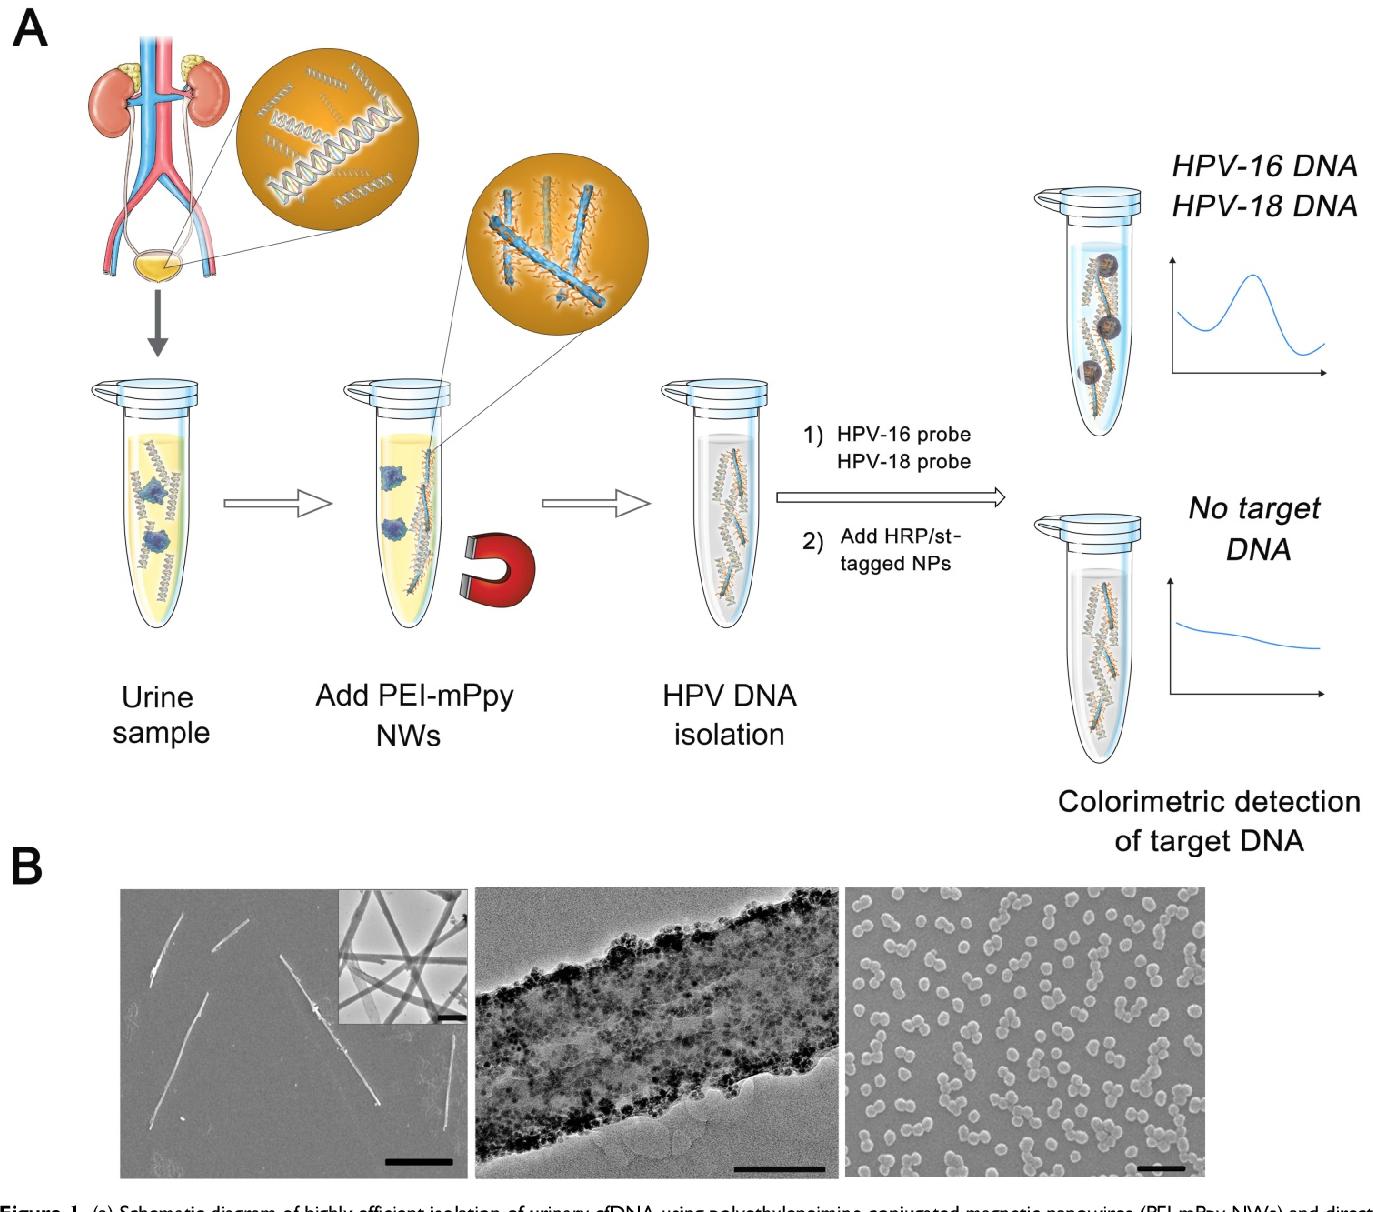 papillomavirus sang urine cancer ovarian prevention